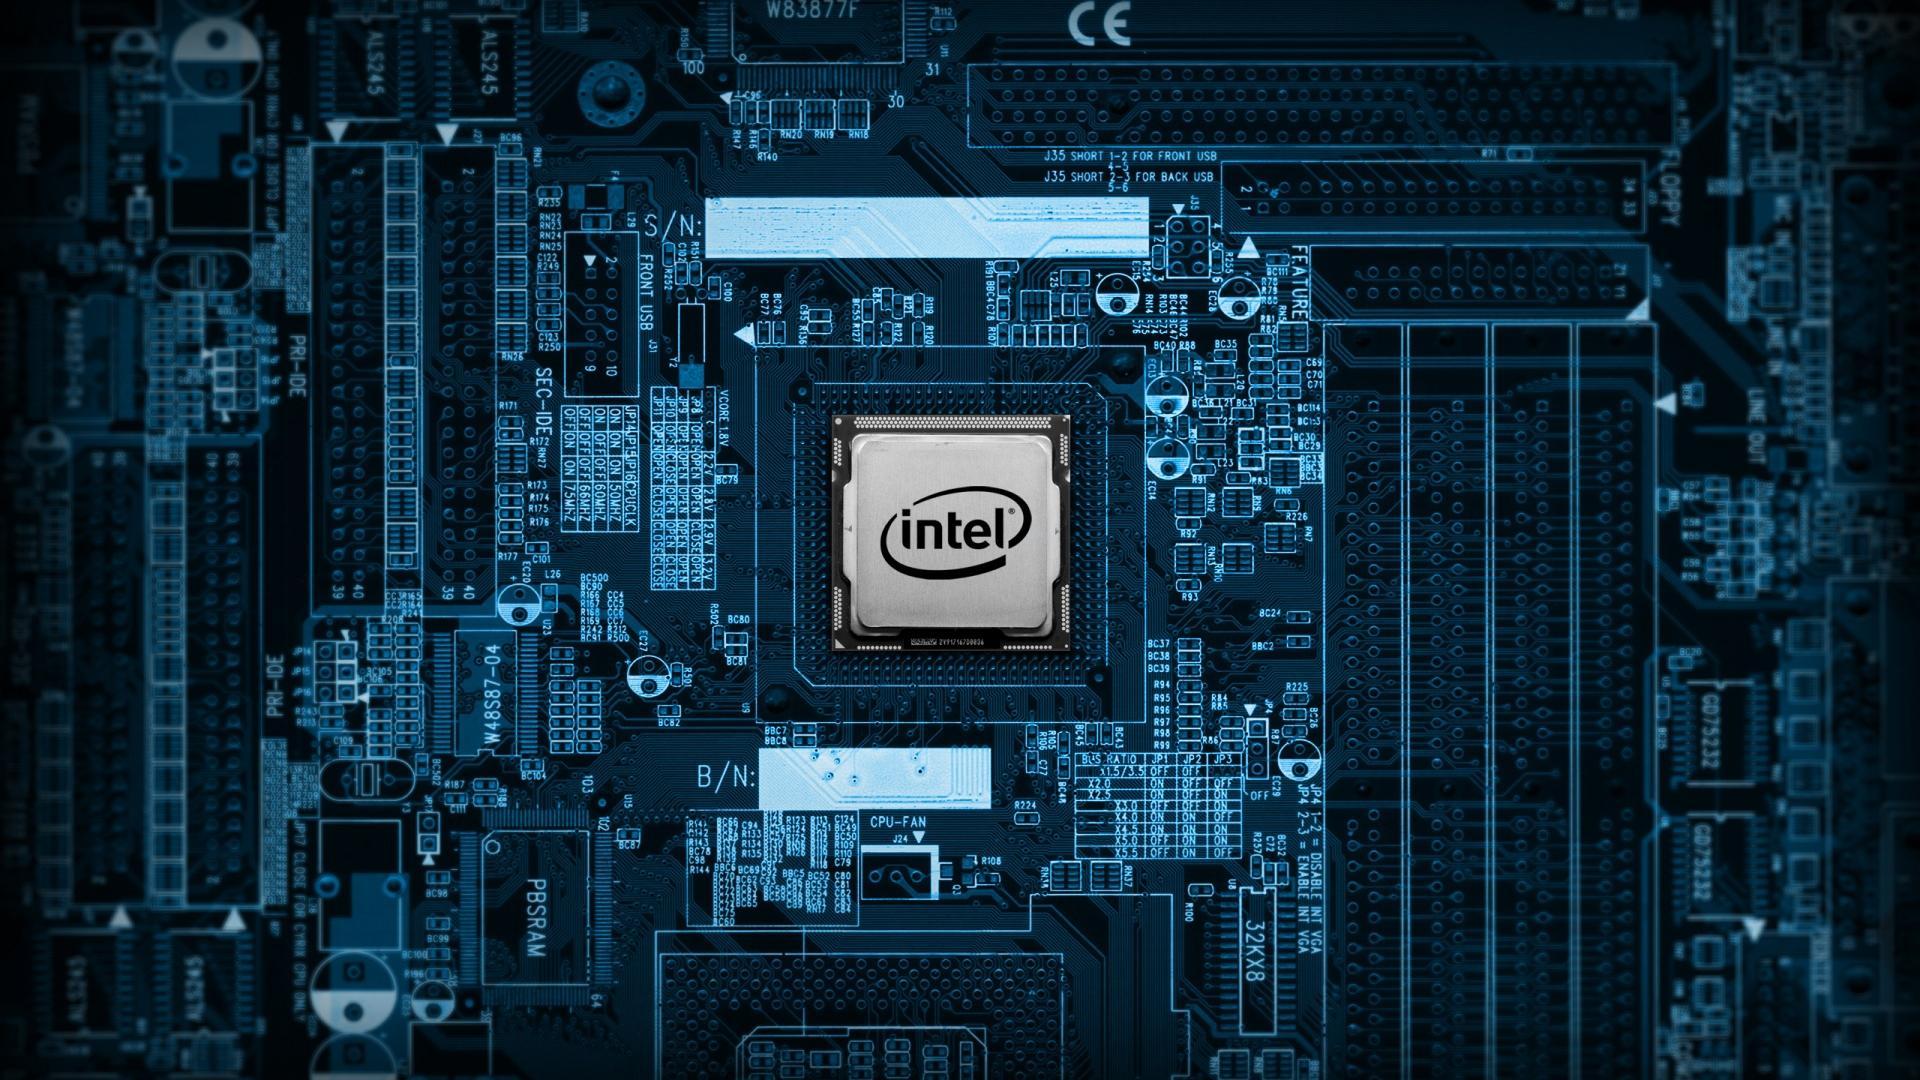 Intel показала новые процессоры Core i3, i5, i7 и i9 без встроенной графики